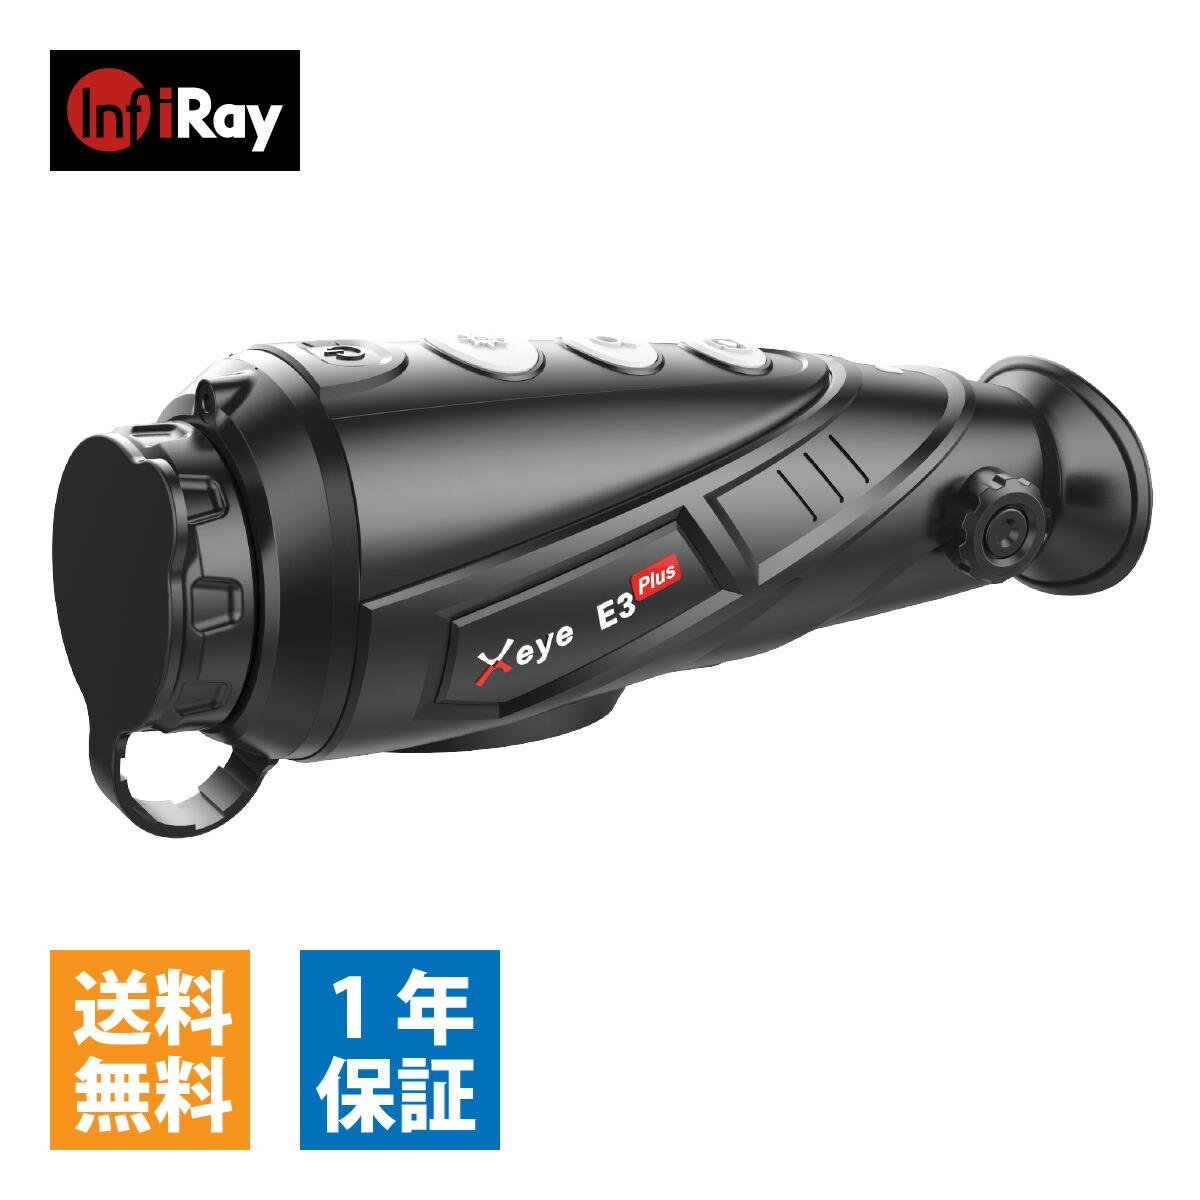 IRAY EyeIIシリーズ E3plus V2.0